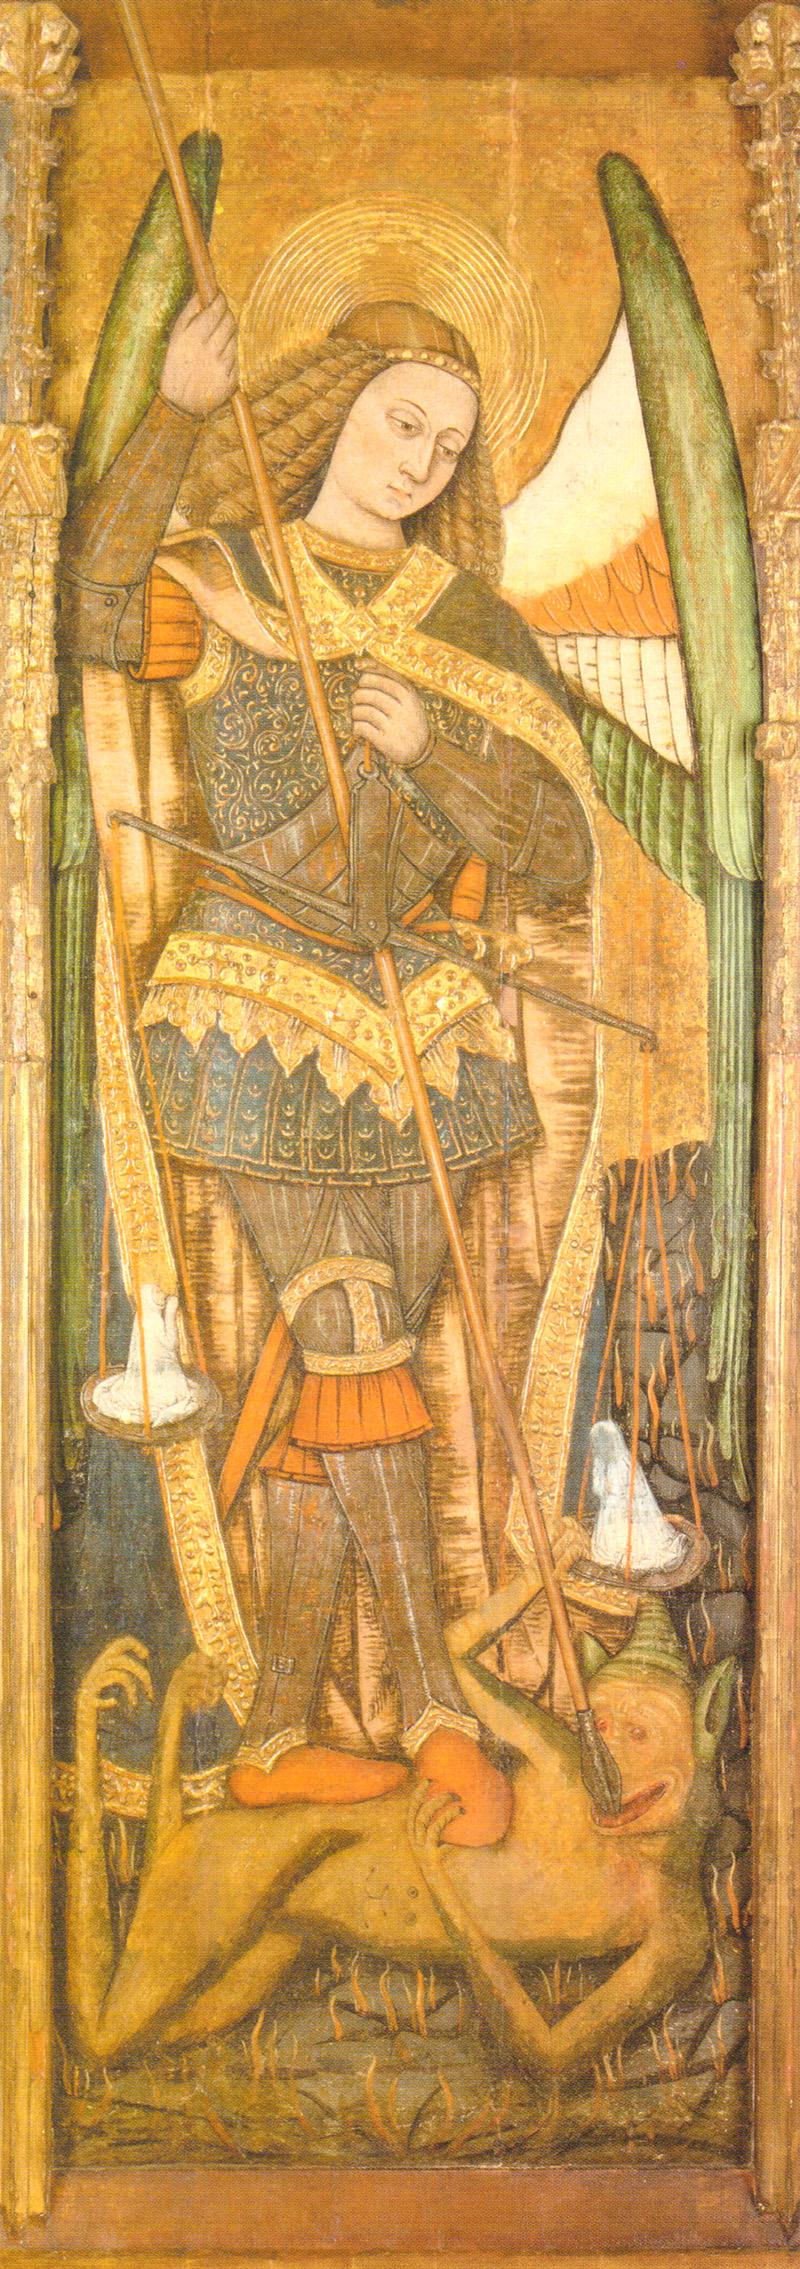 San Miguel Maestro de Girard